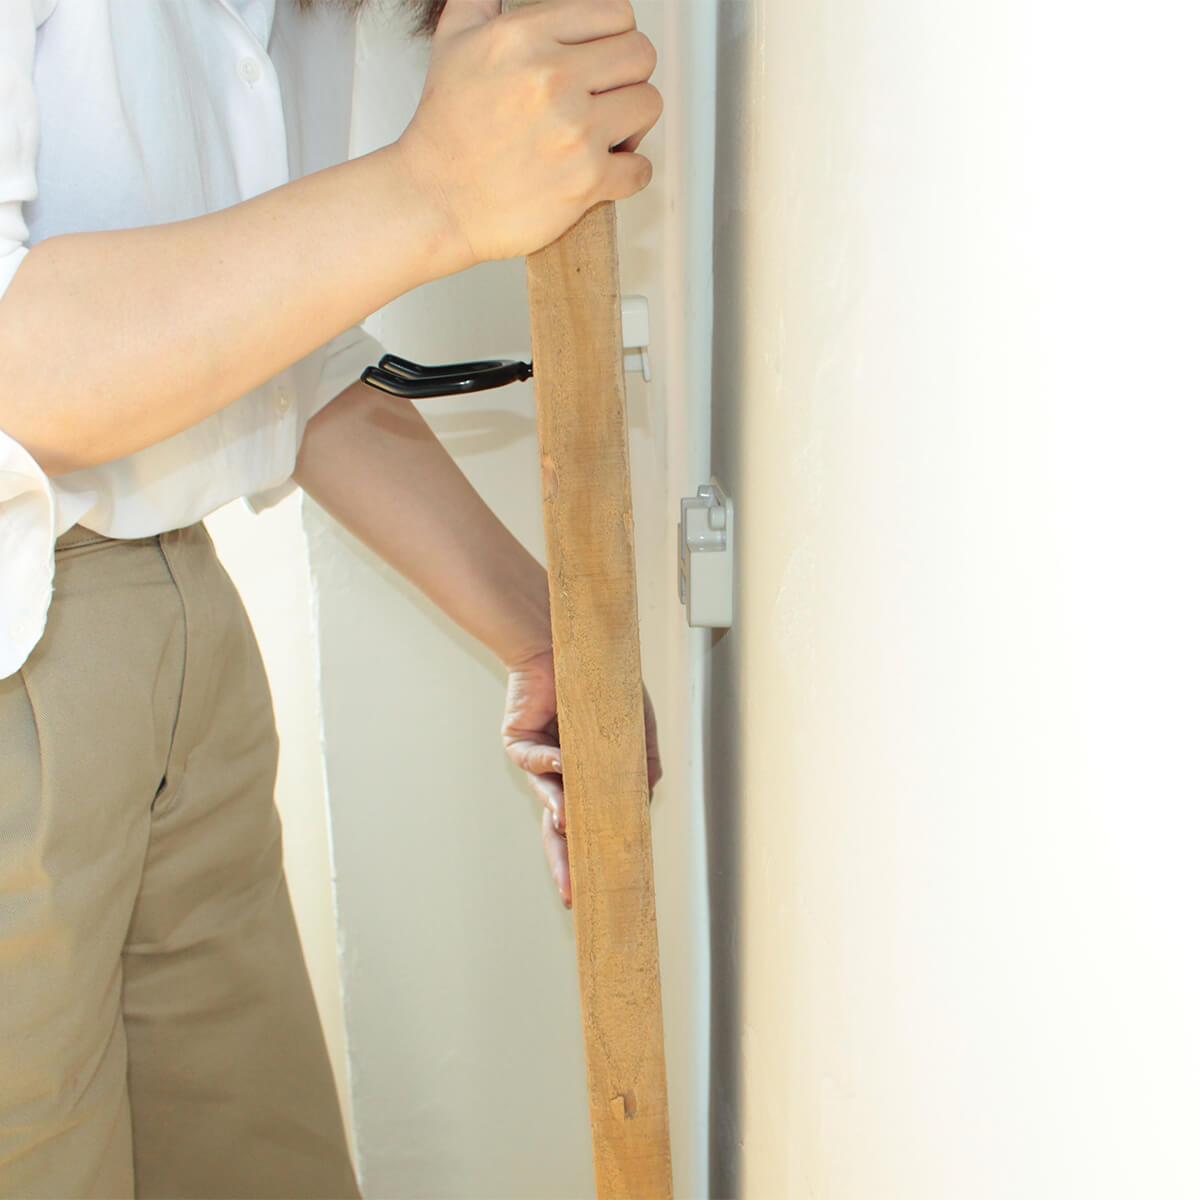 原状回復できる壁掛け足場板掃除機ホルダー